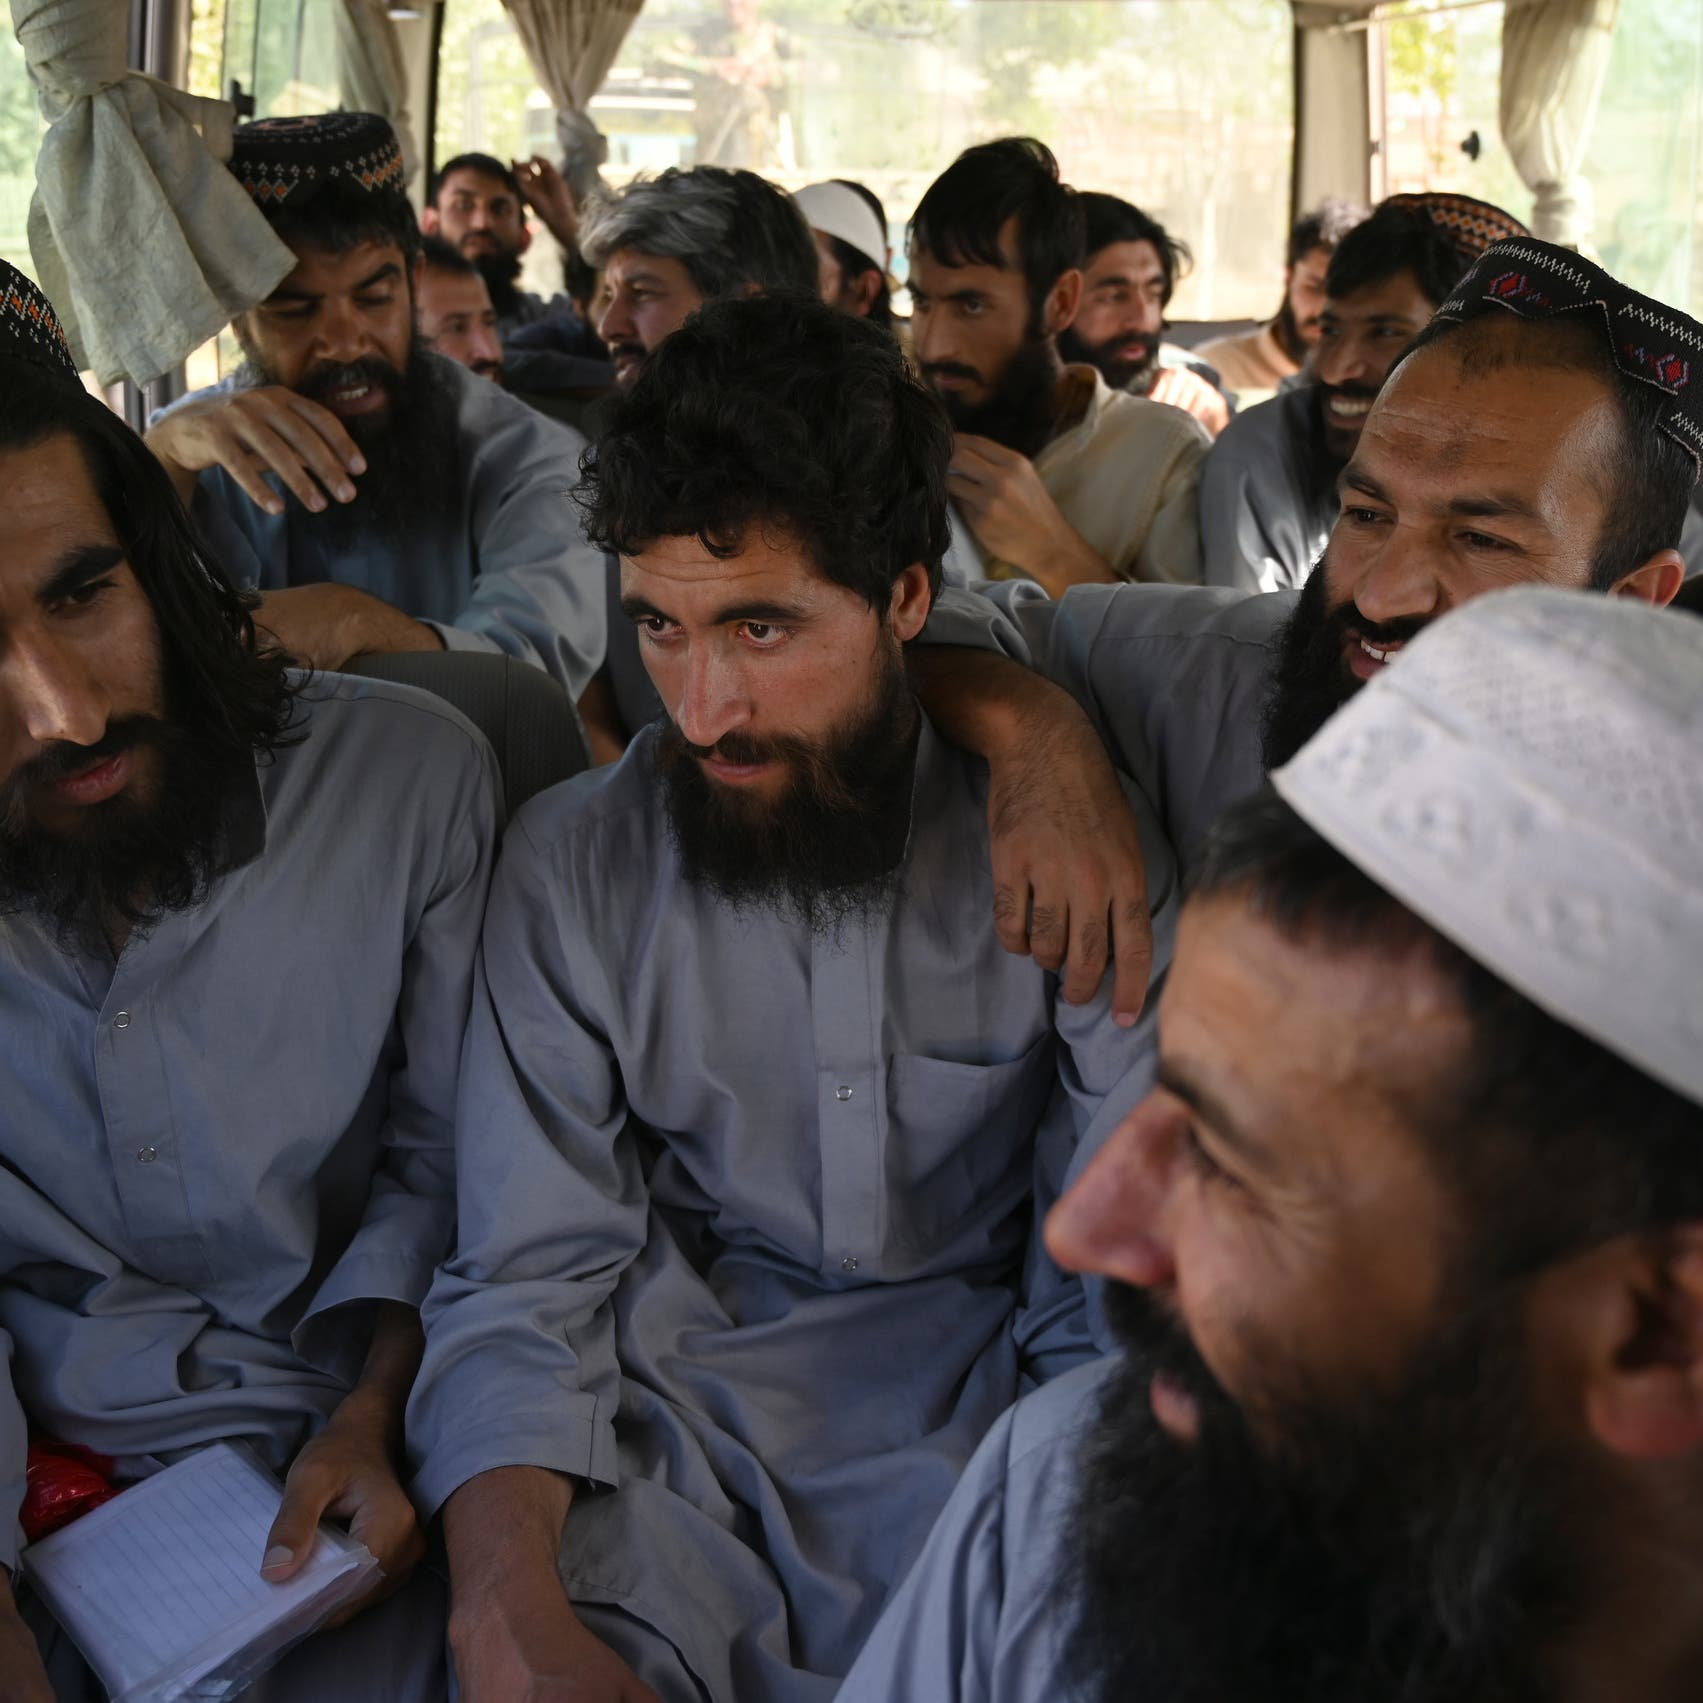 بعد غارات على طالبان.. مساعٍ أميركية لإنقاذ اتفاق أفغانستان